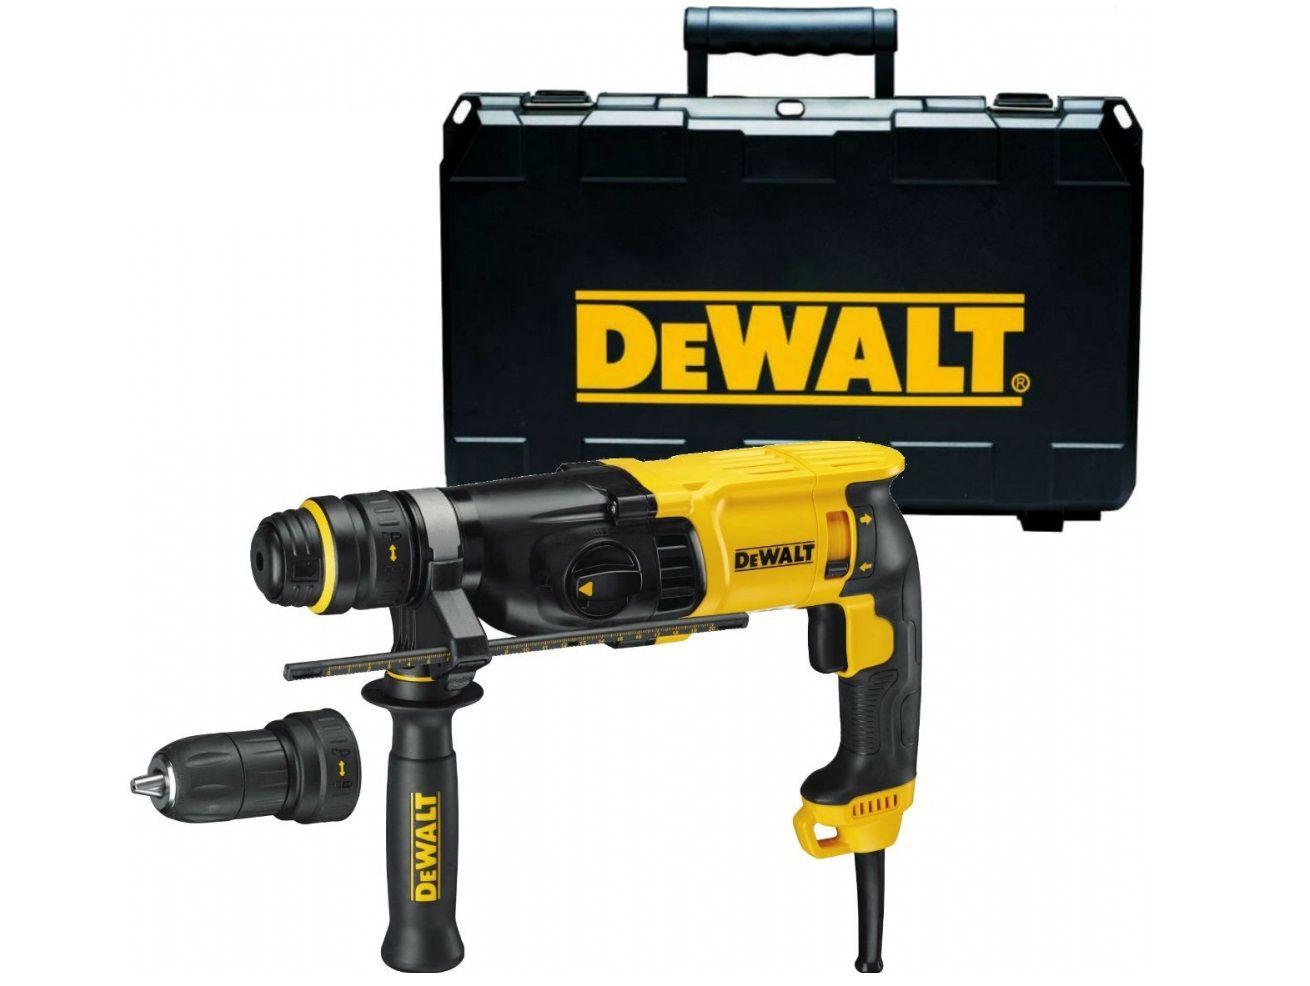 Kombinované kladivo SDS-Plus DeWalt D25134K - 800W, 2.8J, 3.0kg, rychloupínací sklíčidlo, v kufru (D25134K-QS)